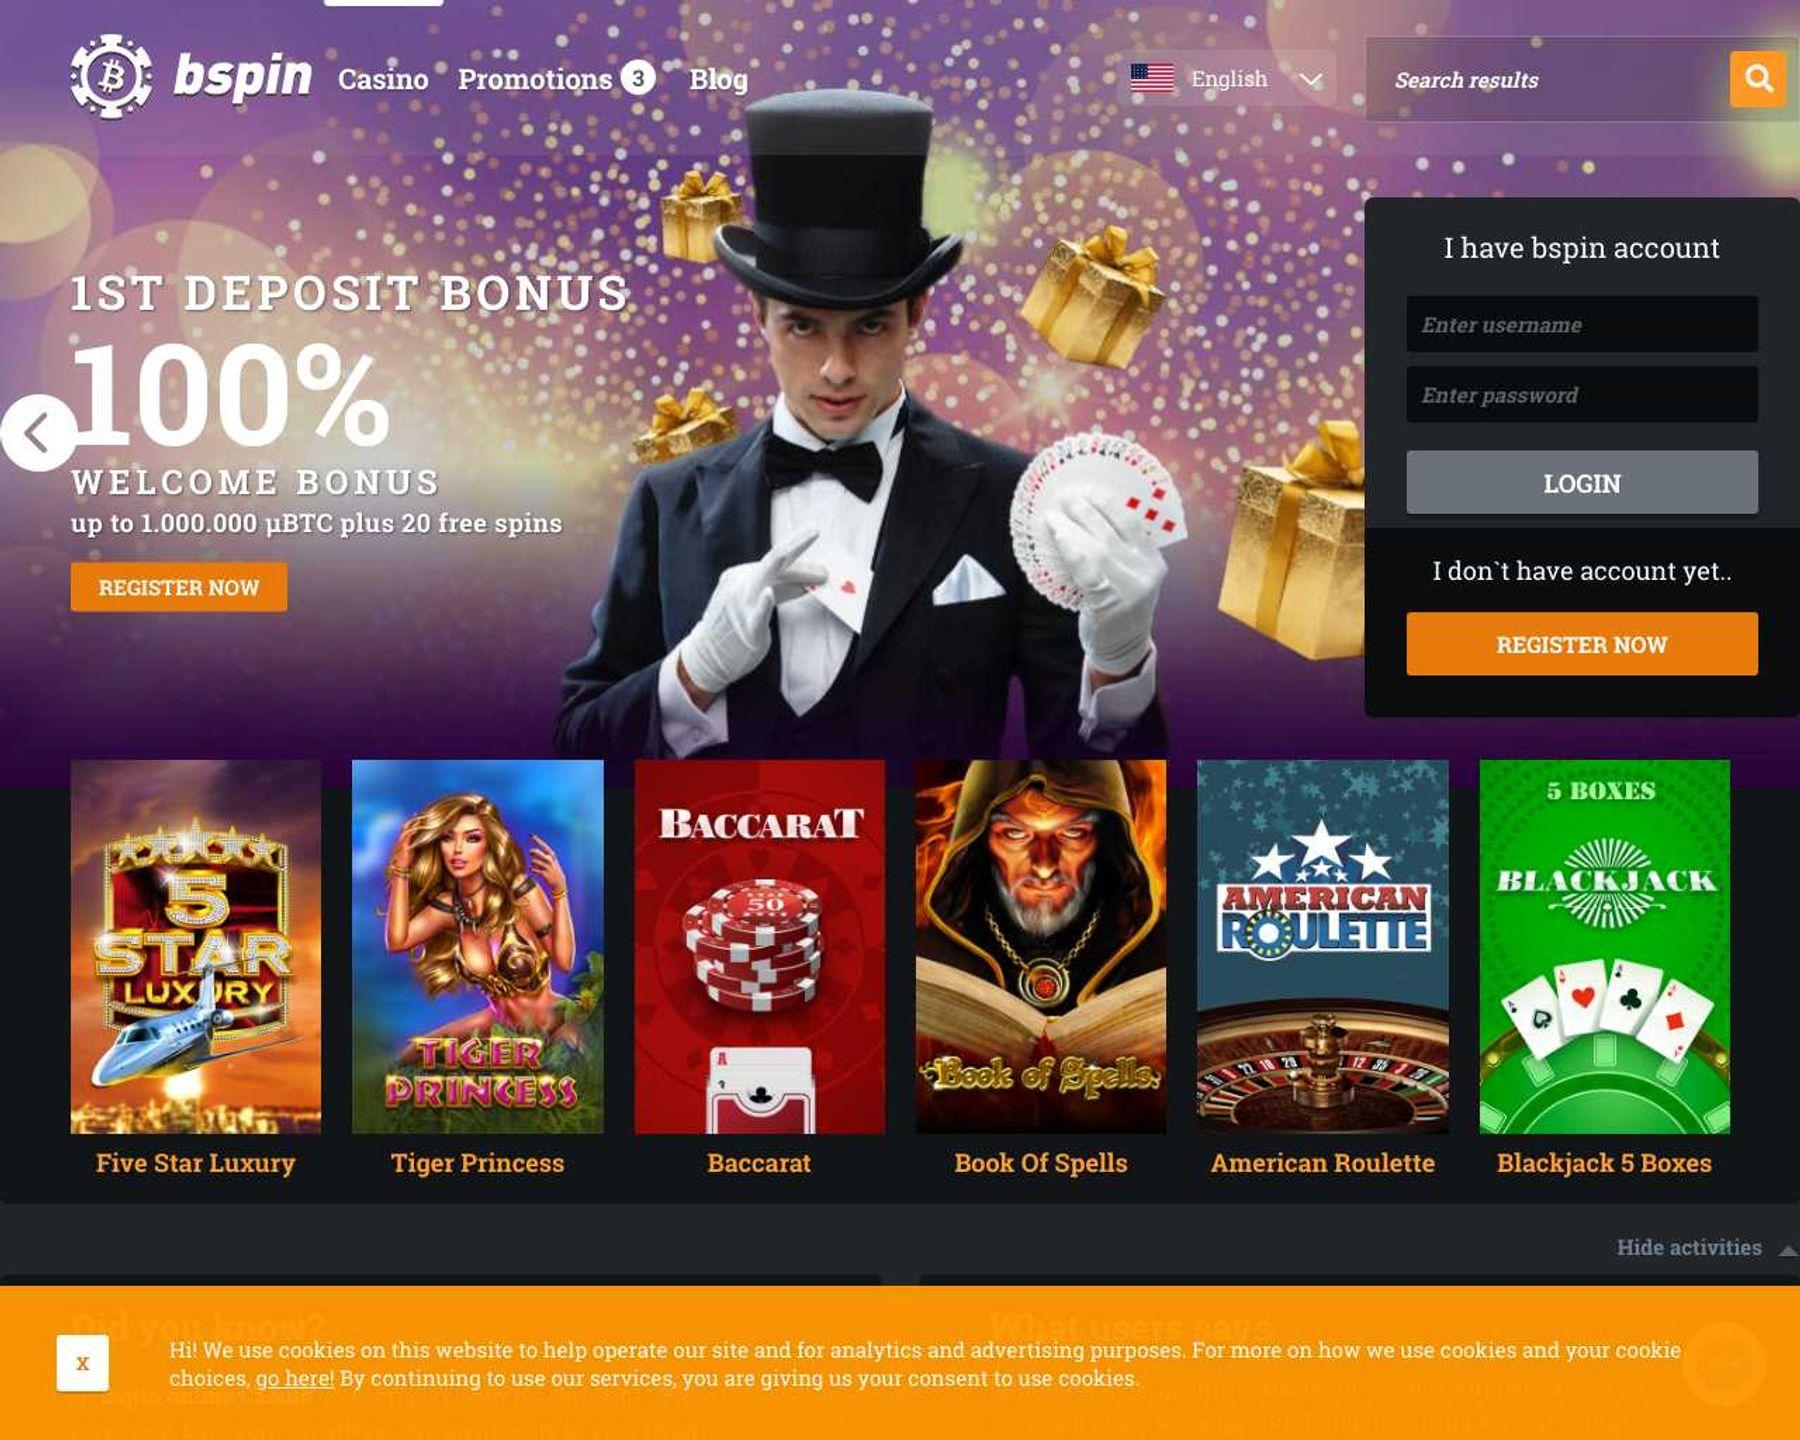 BSpin Casino